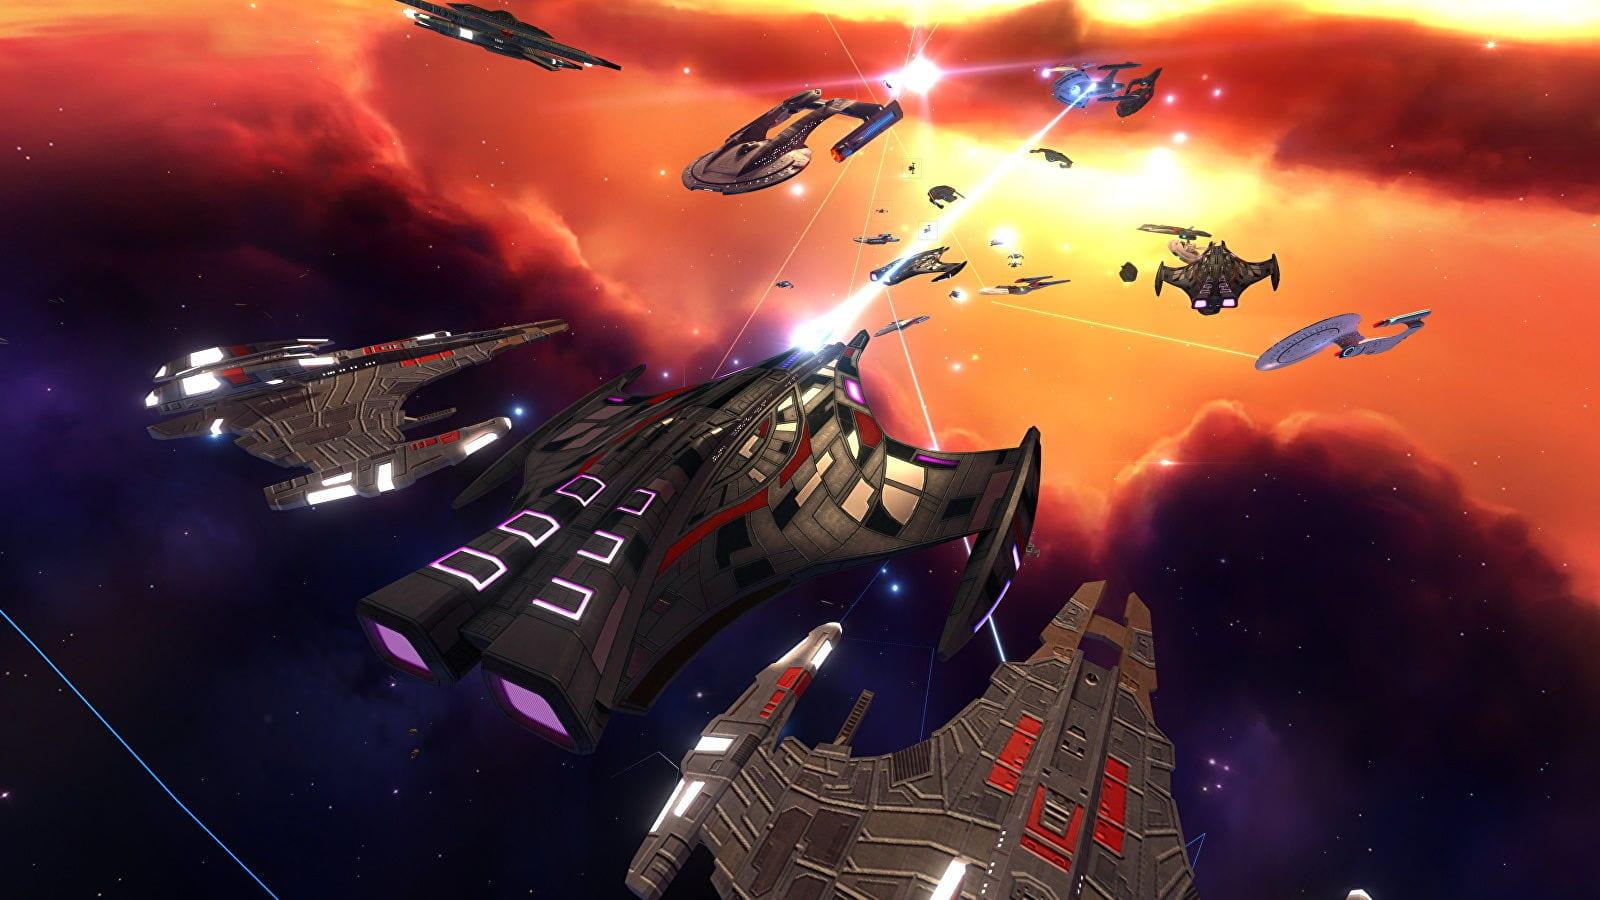 Homeworld Remastered Spaceships